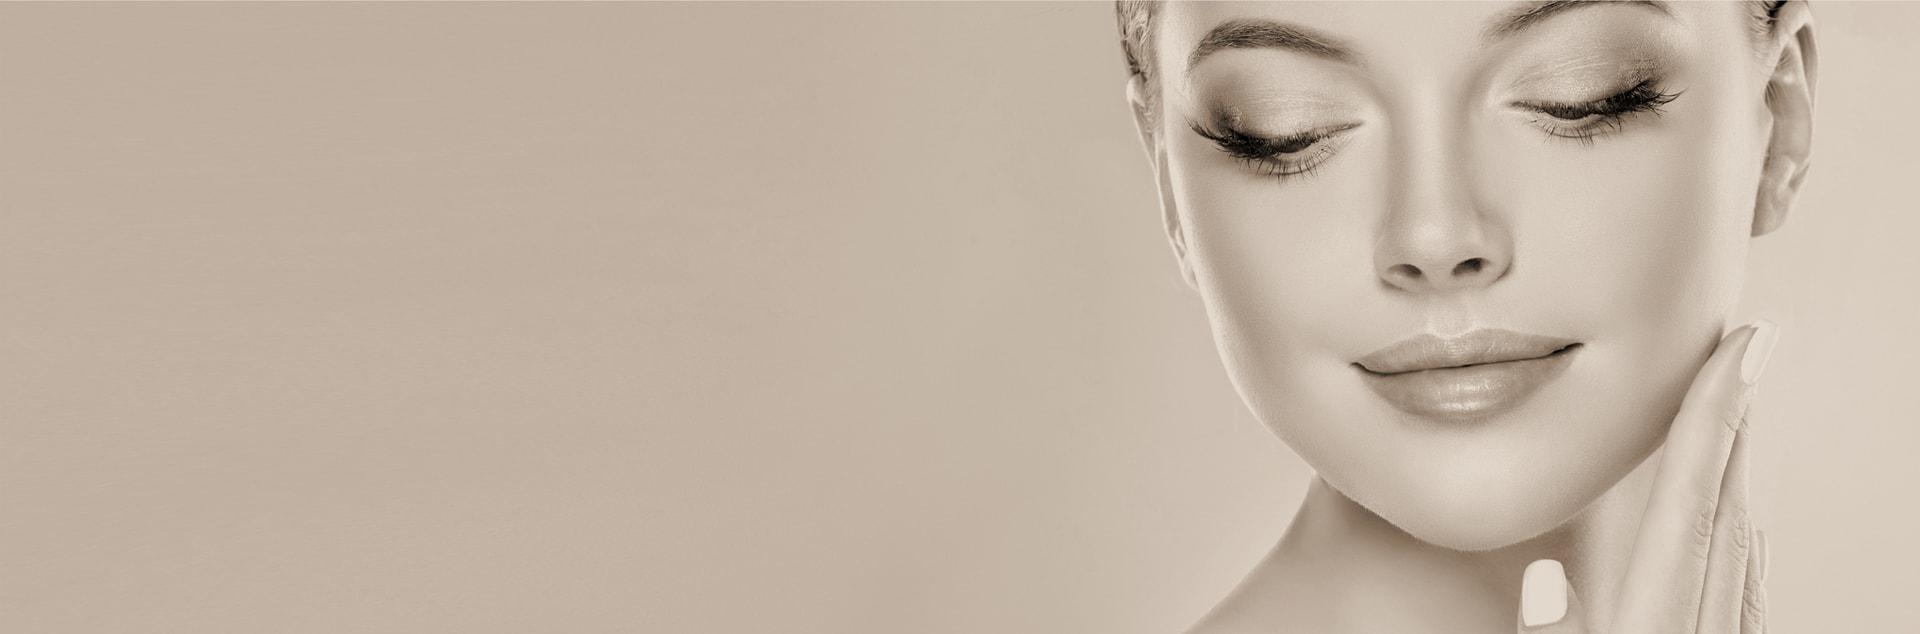 Doctor Charme utilizza la tecnologia della carbossiterapia mediante micro-iniezioni di CO2, una procedura anti-aging utile al ringiovanimento della pelle.